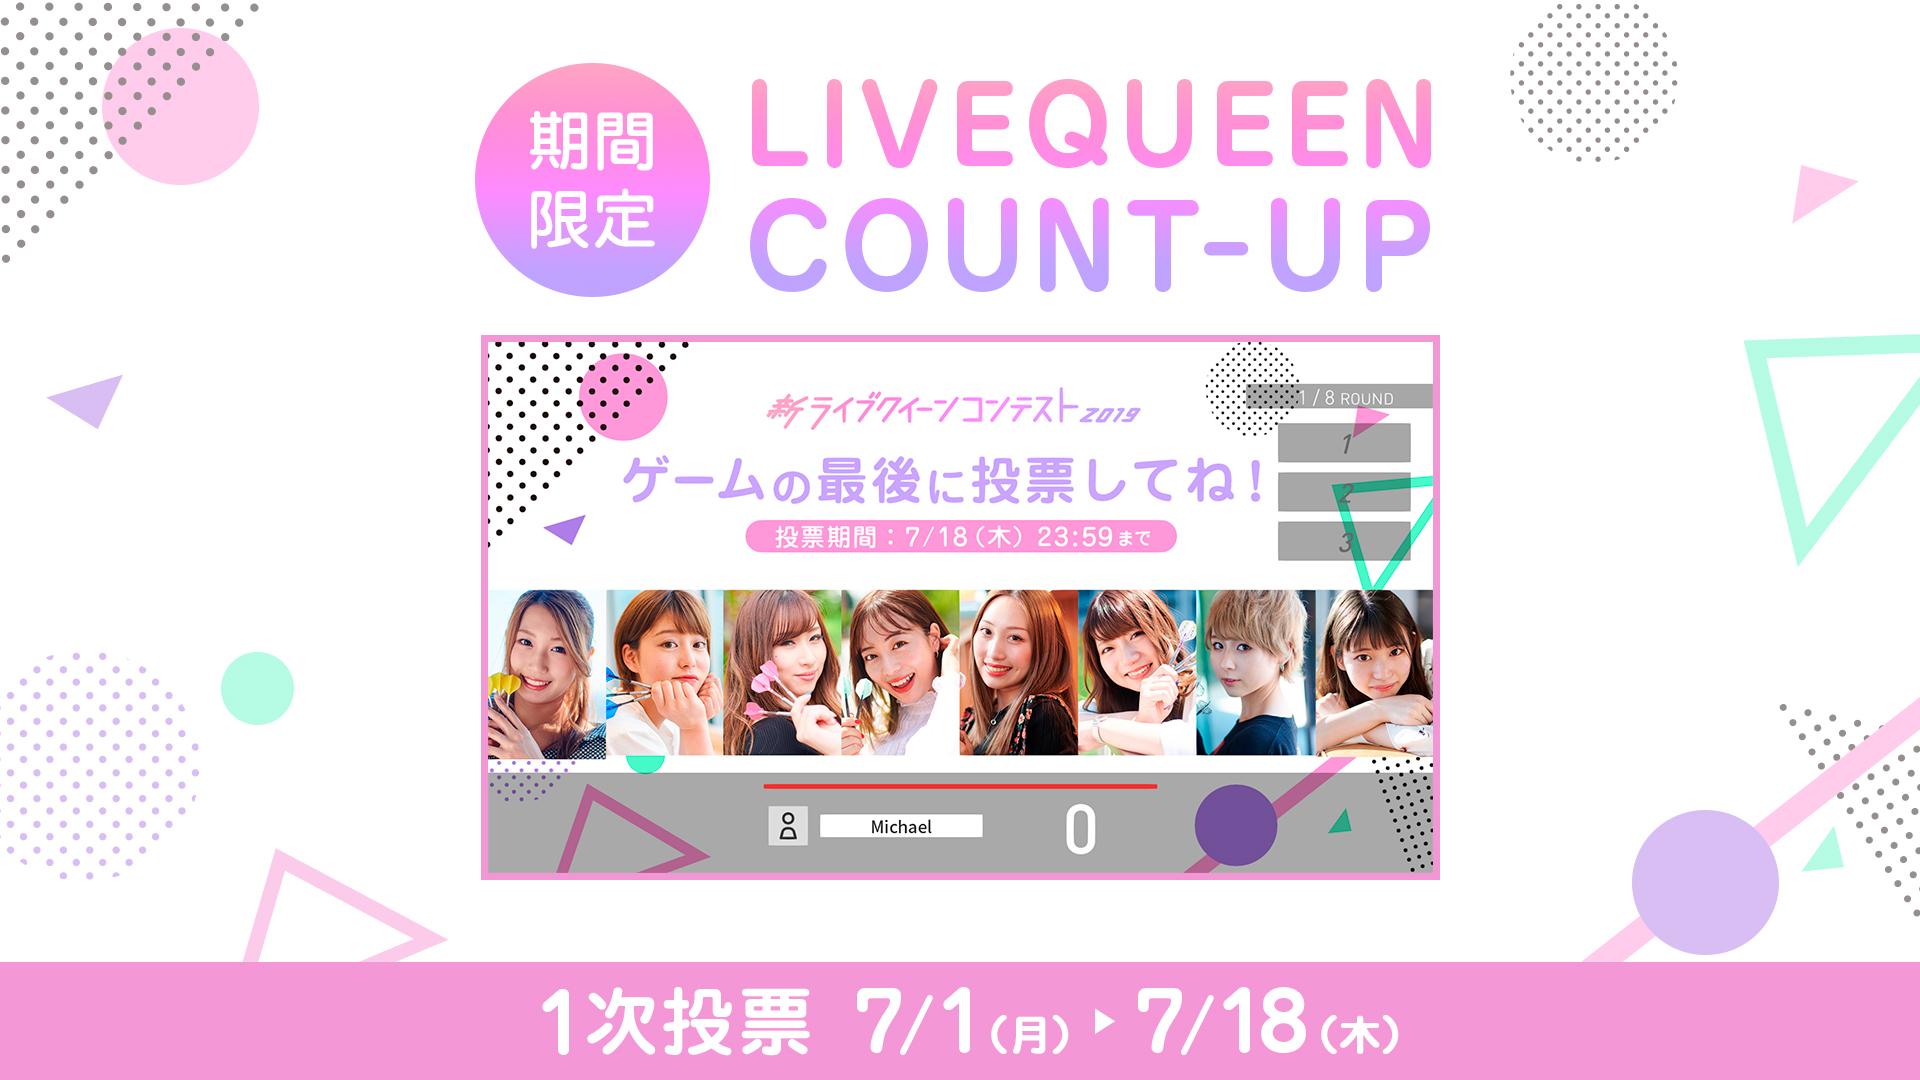 【新ライブクイーンコンテスト】DARTSLIVE3の期間限定ゲーム『LIVEQUEEN COUNT-UP』が登場!ゲームをプレイして投票しよう!